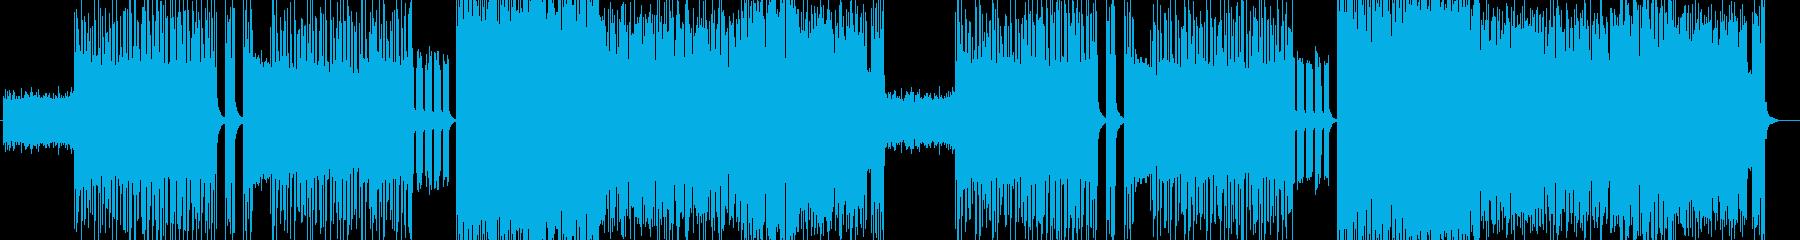 「HR/HM」「DEATH」BGM251の再生済みの波形